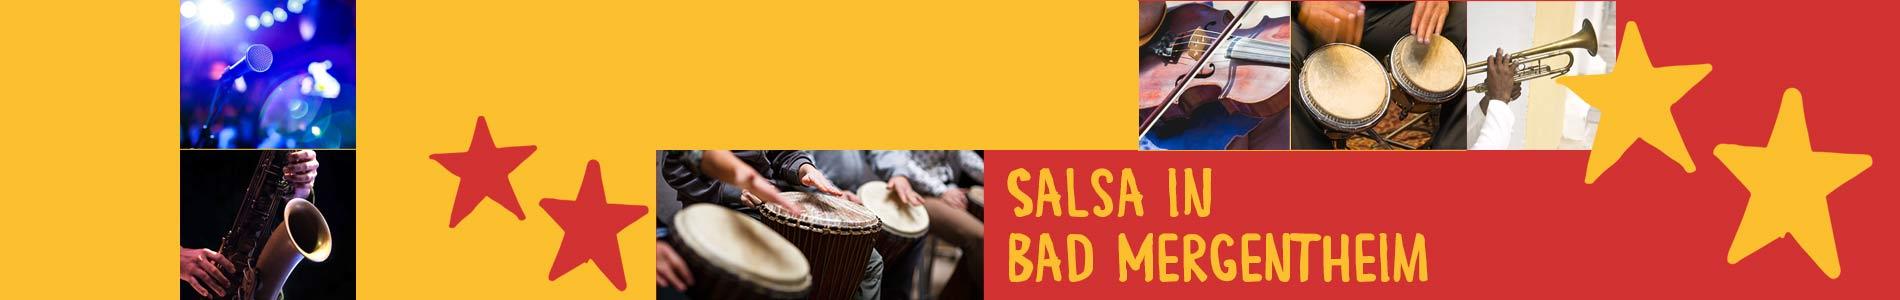 Salsa in Bad Mergentheim – Salsa lernen und tanzen, Tanzkurse, Partys, Veranstaltungen